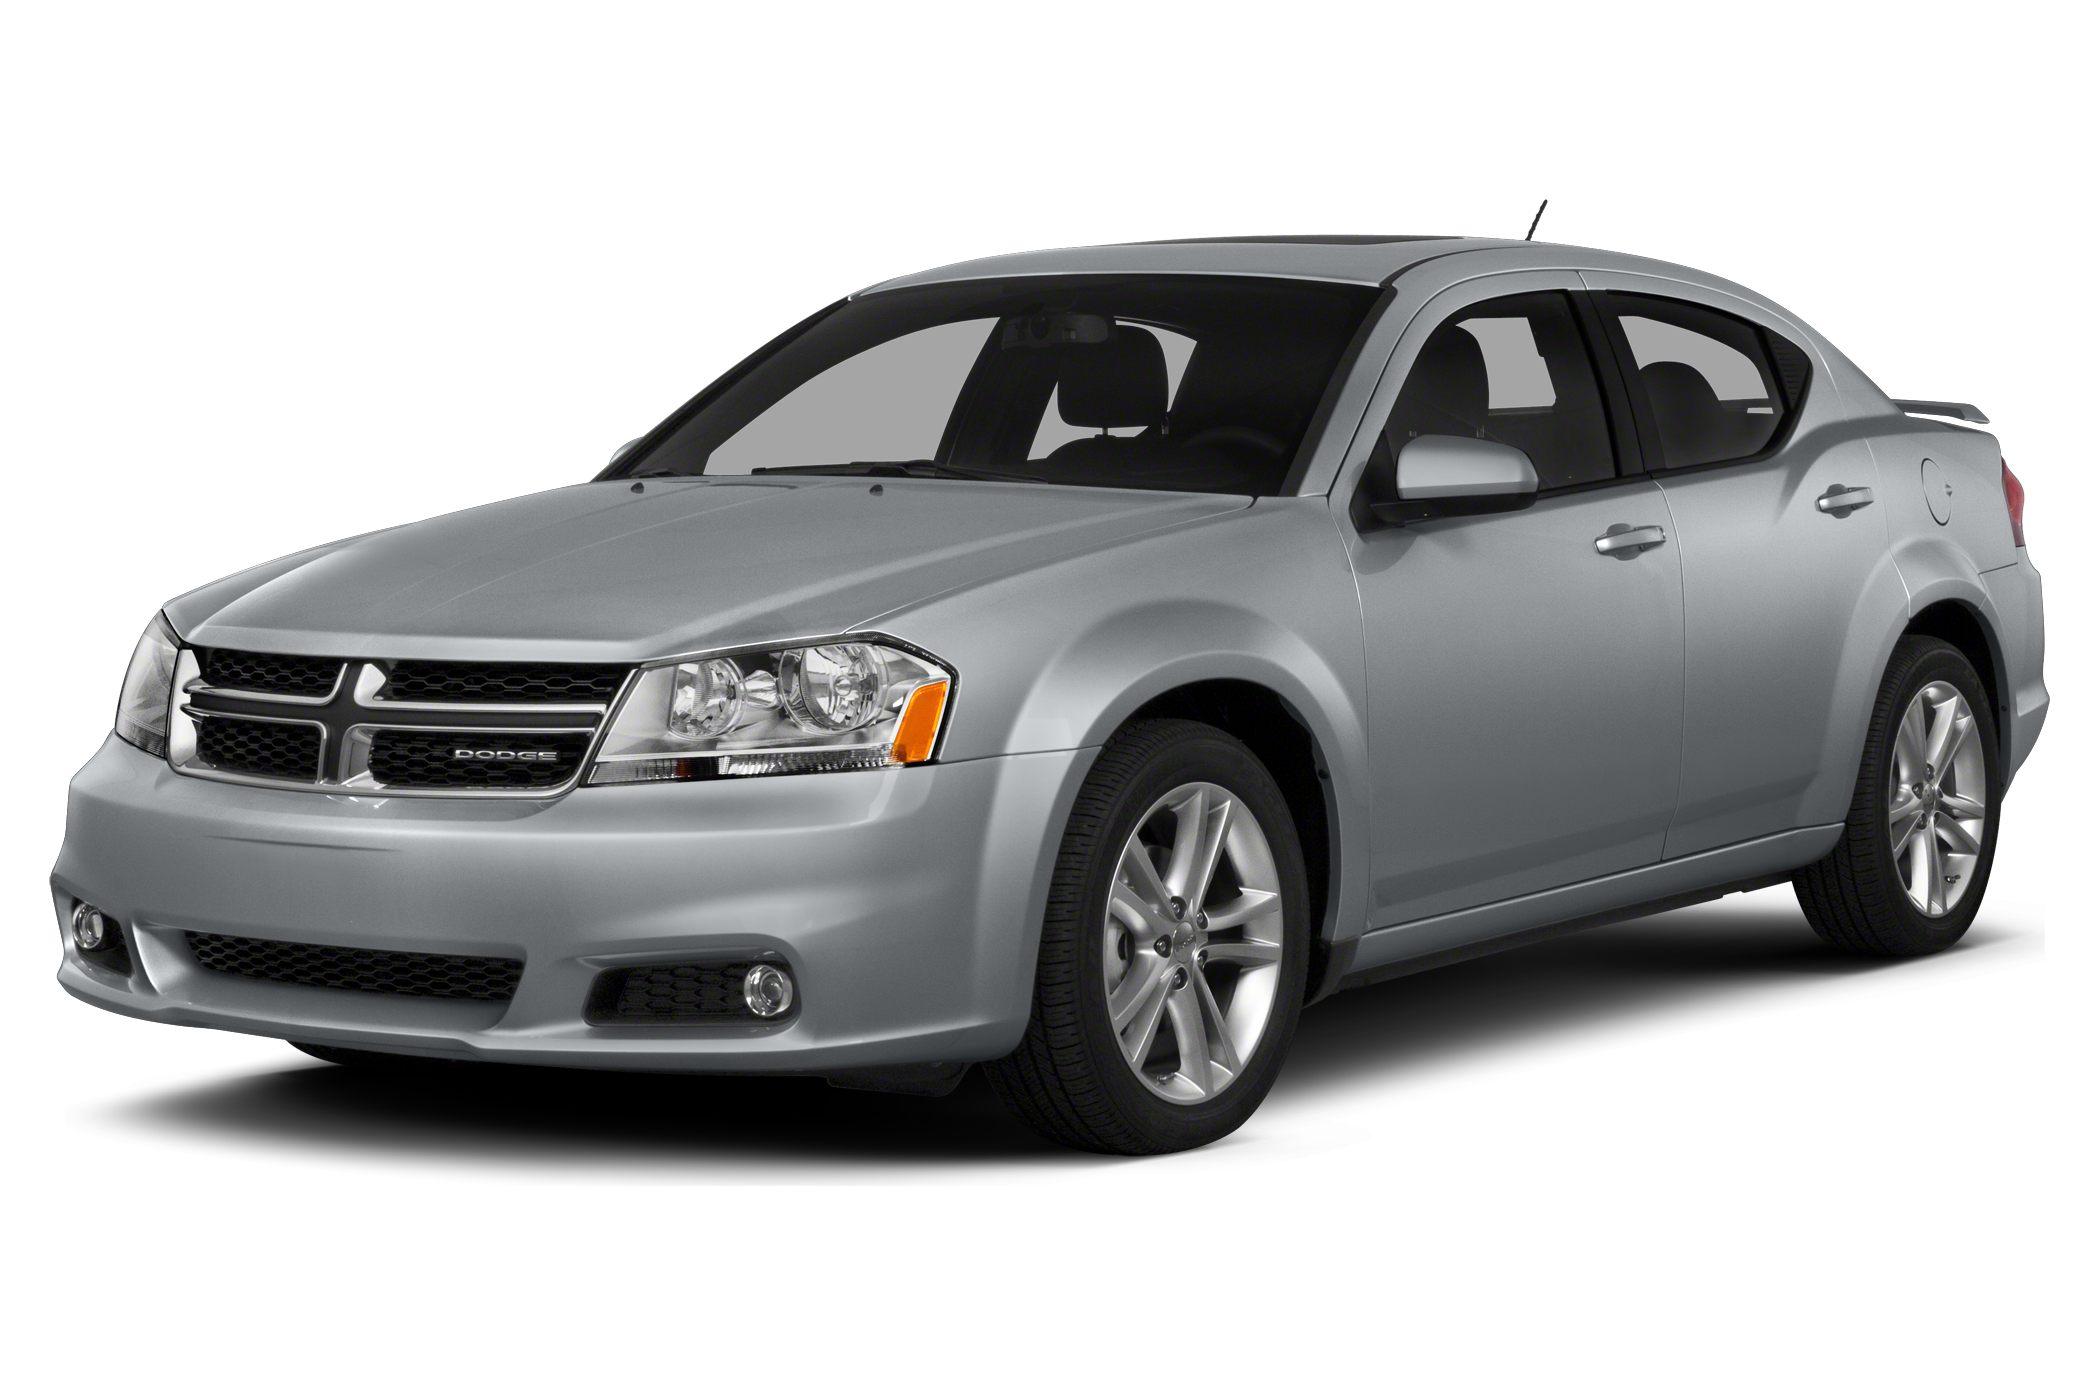 2014 Dodge Avenger SE EPA 30 MPG Hwy21 MPG City CARFAX 1-Owner SE trim CD Player iPodMP3 Inp